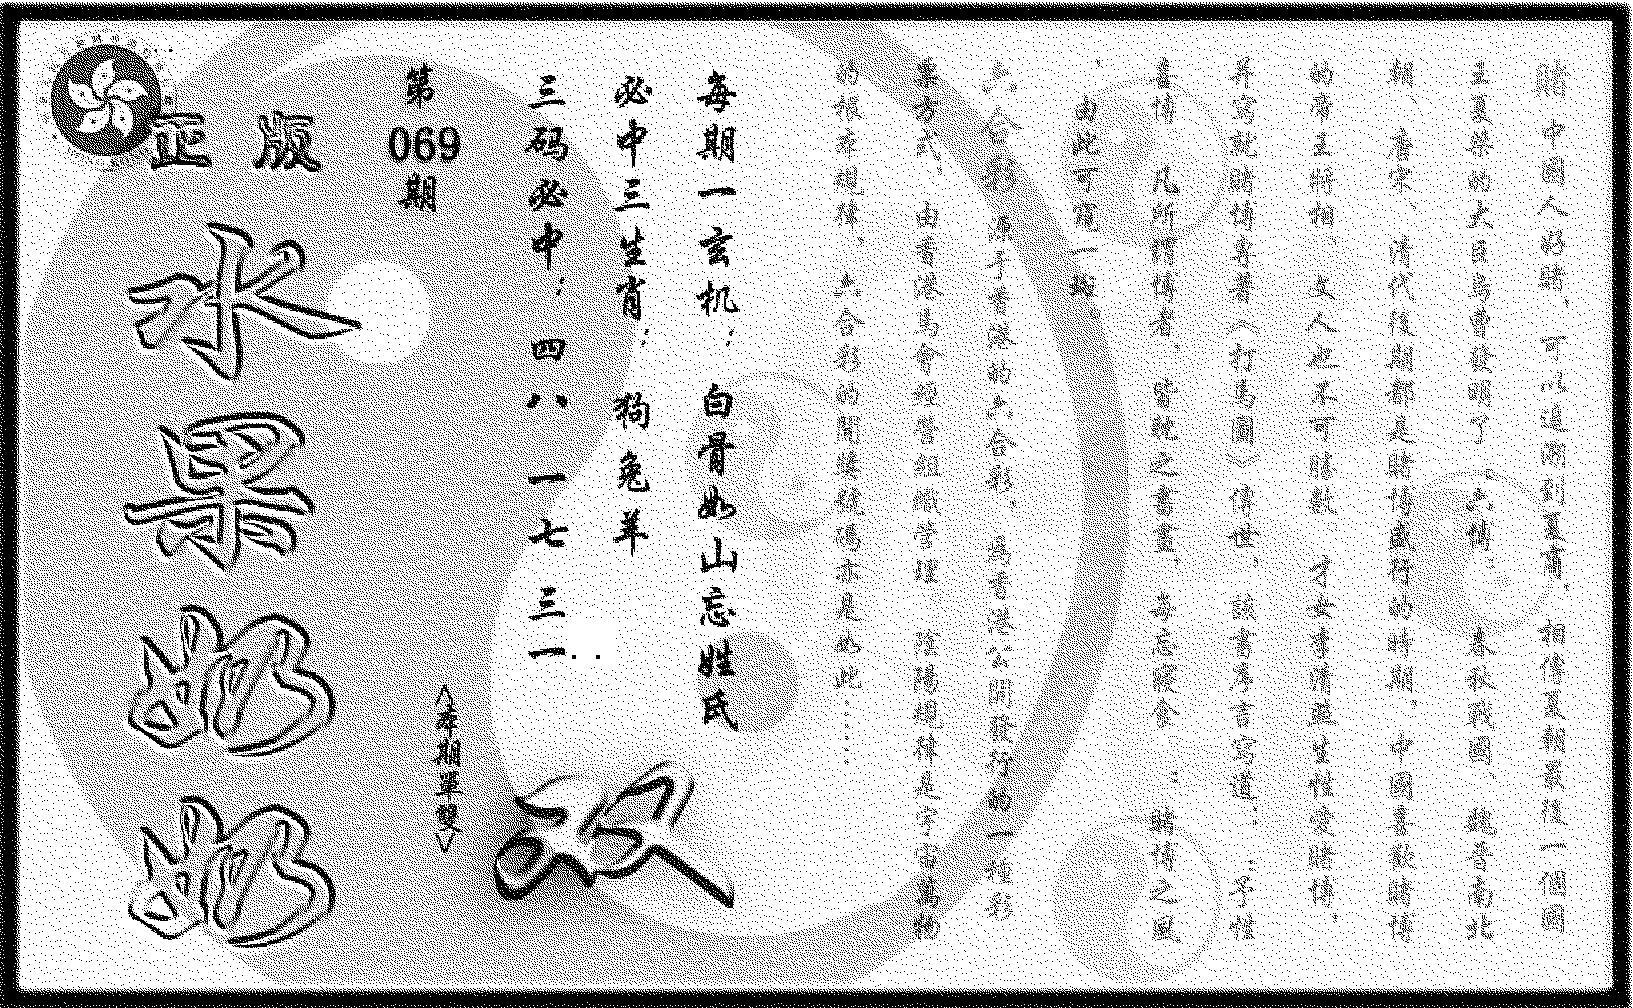 069期(九龙单双攻略)正版(黑白)